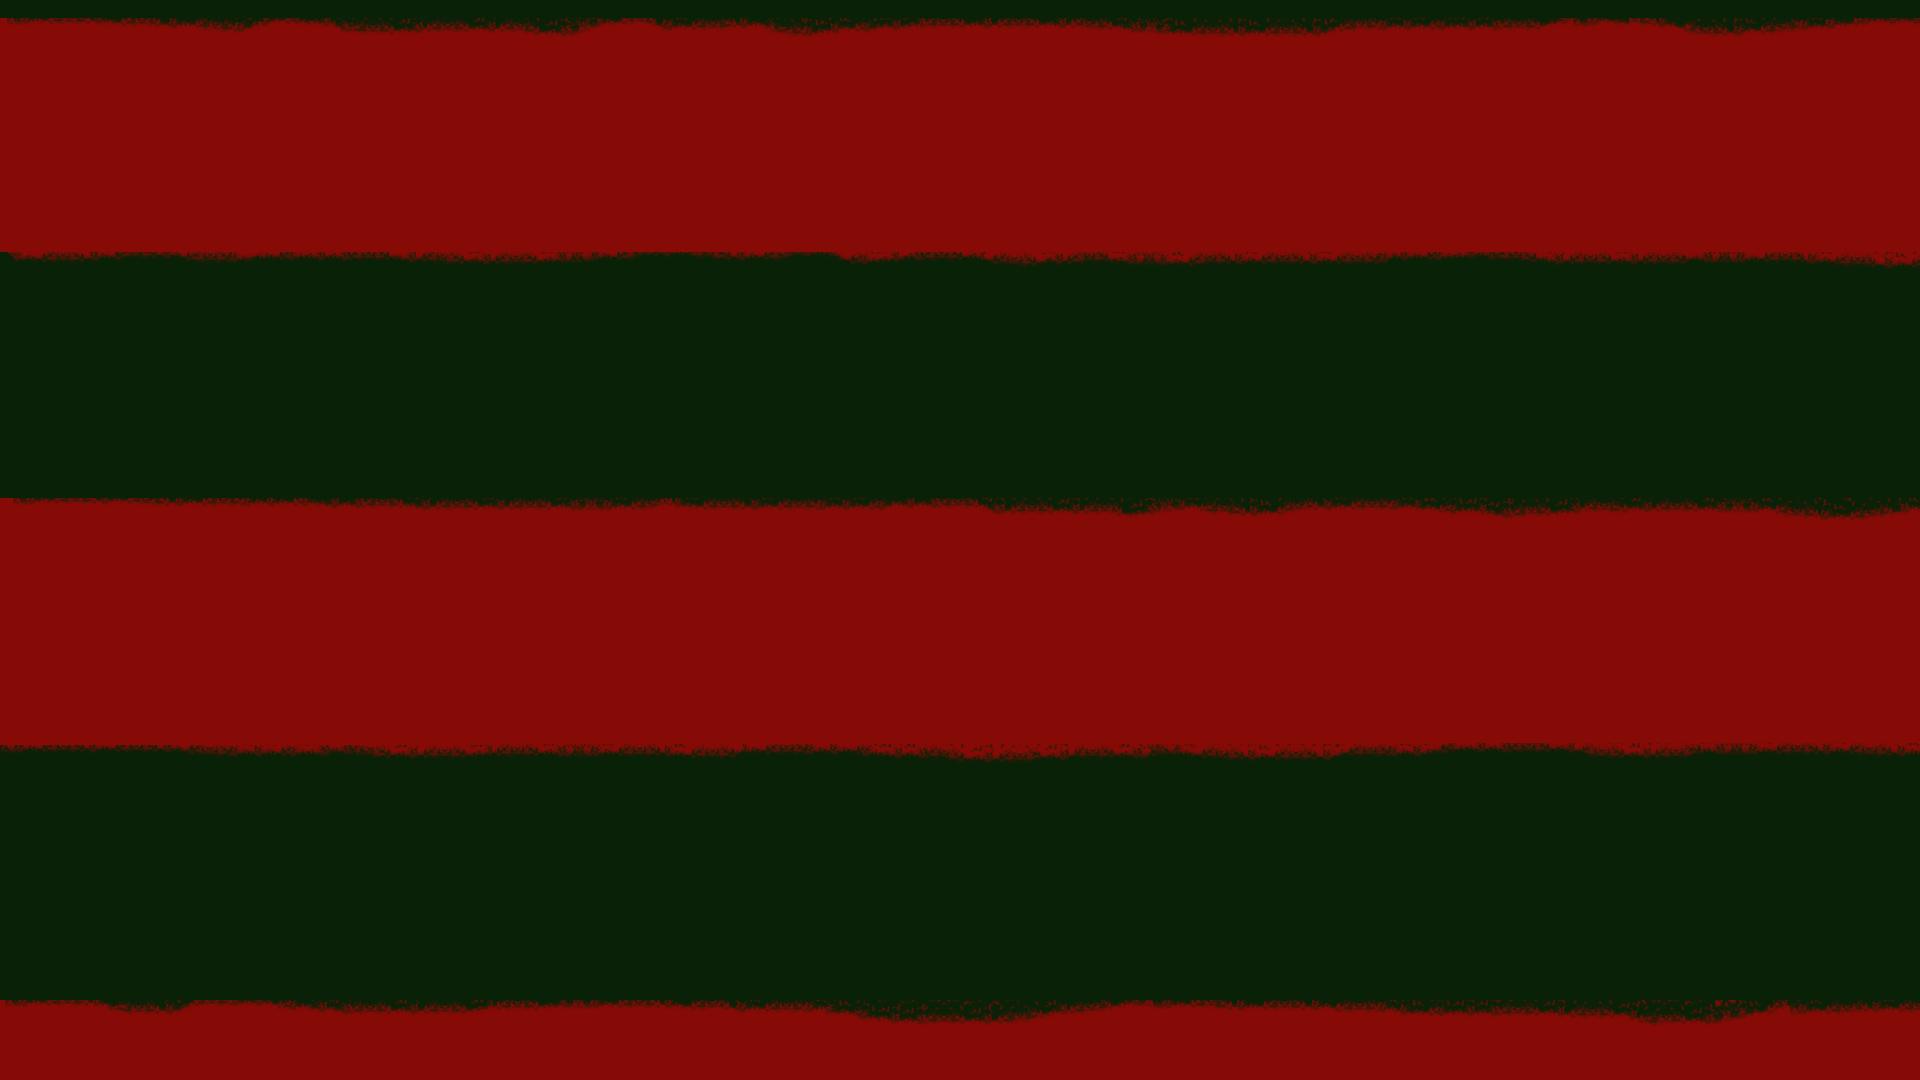 Freddy Krueger Wallpapers 1920x1080